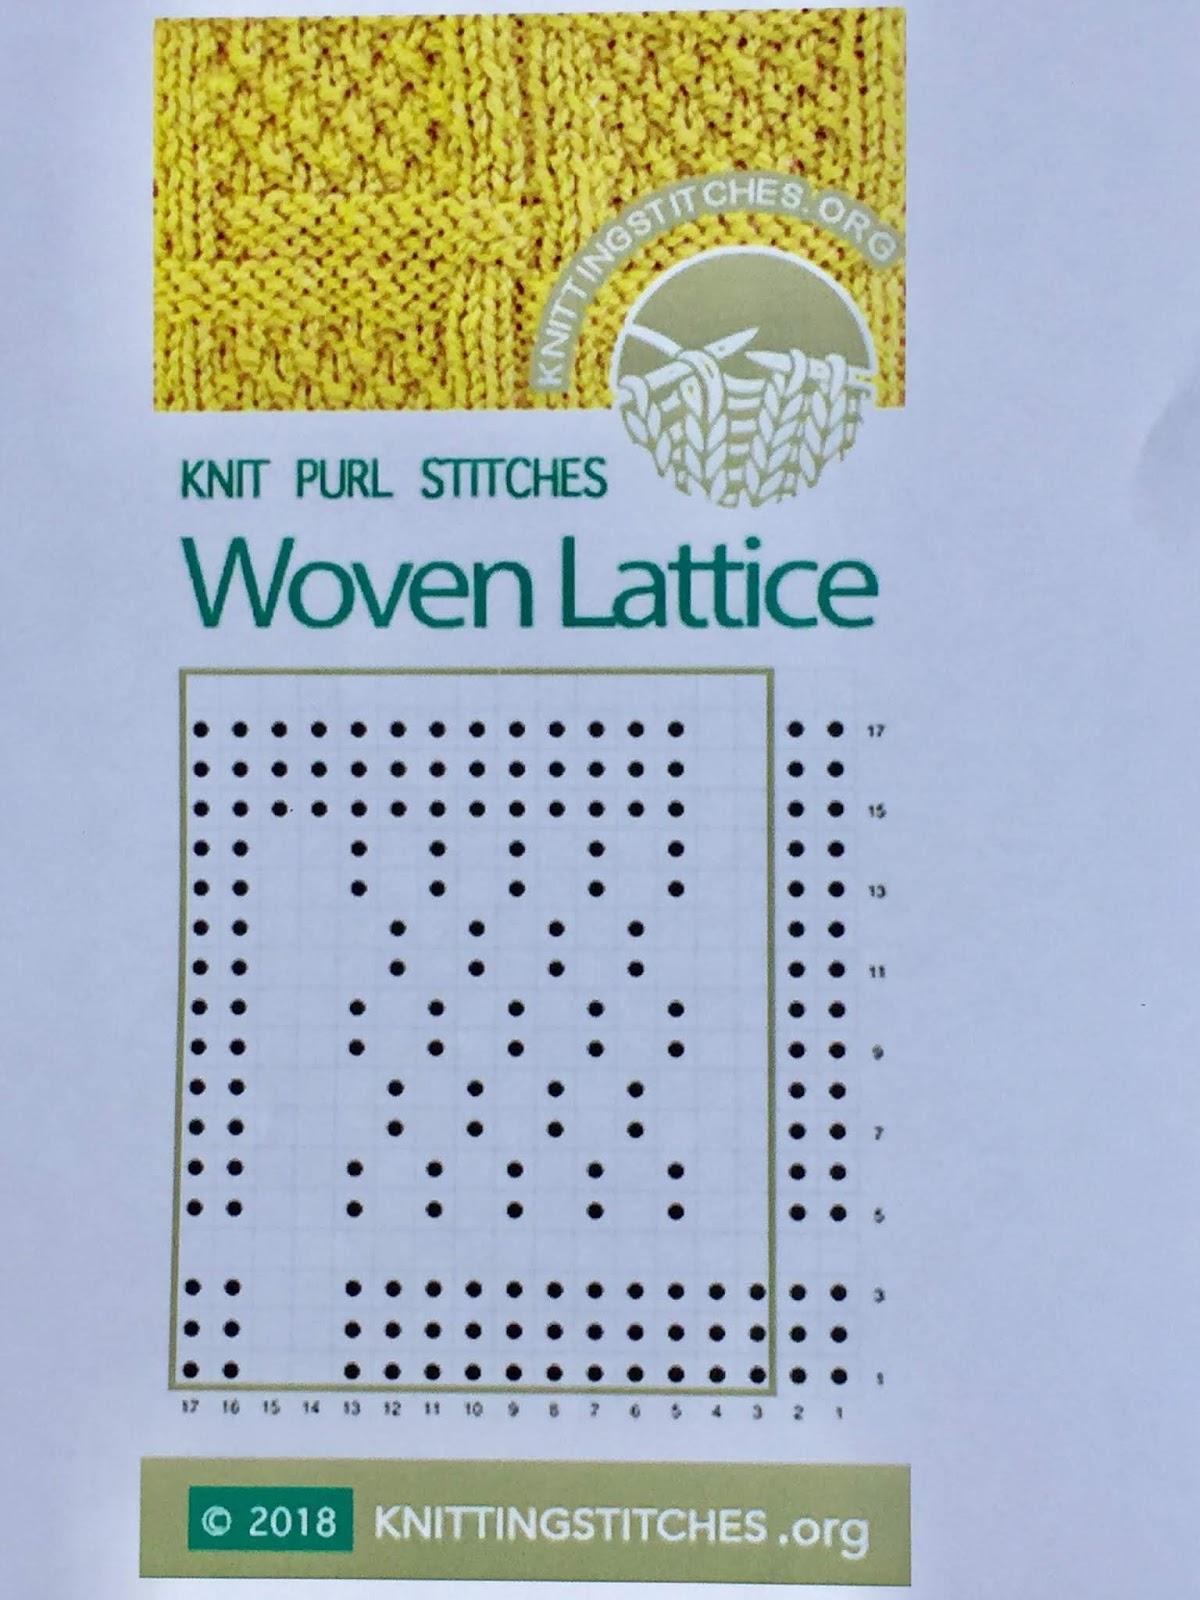 Knitting Stitches 2018 - Woven Lattice Knit Purl